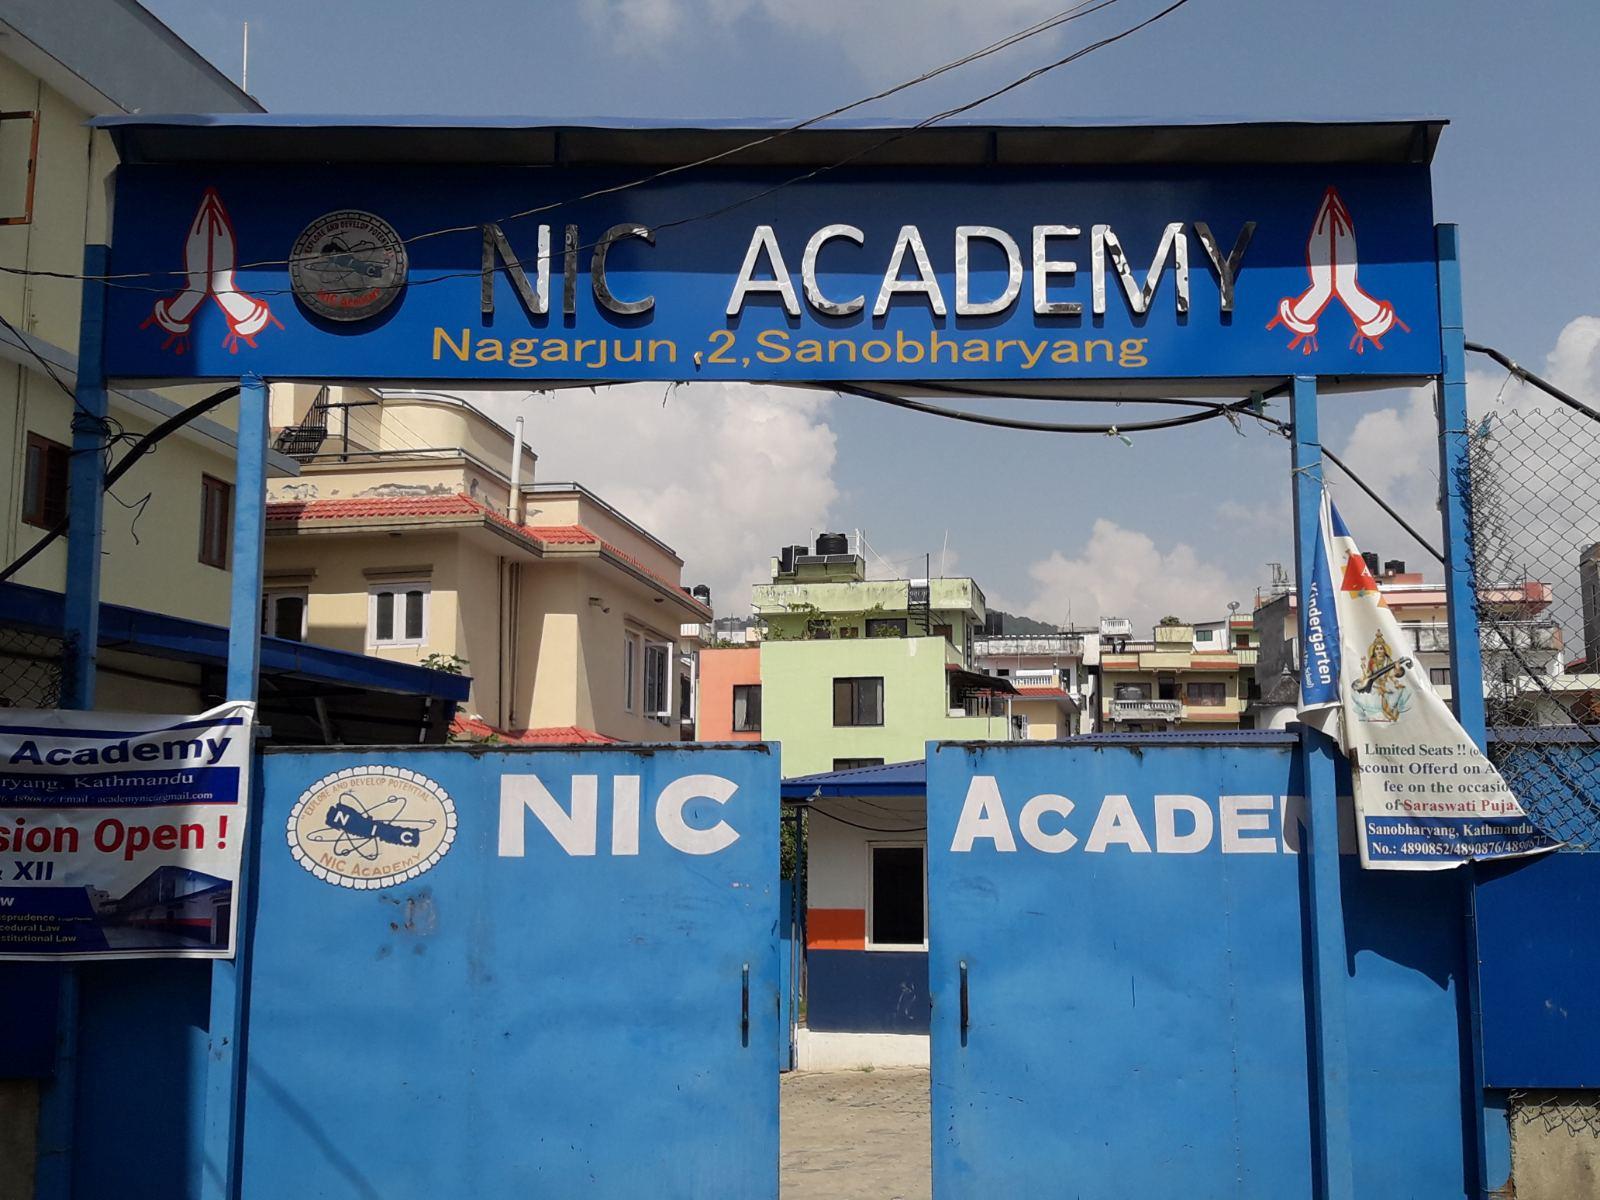 NIC_Academy